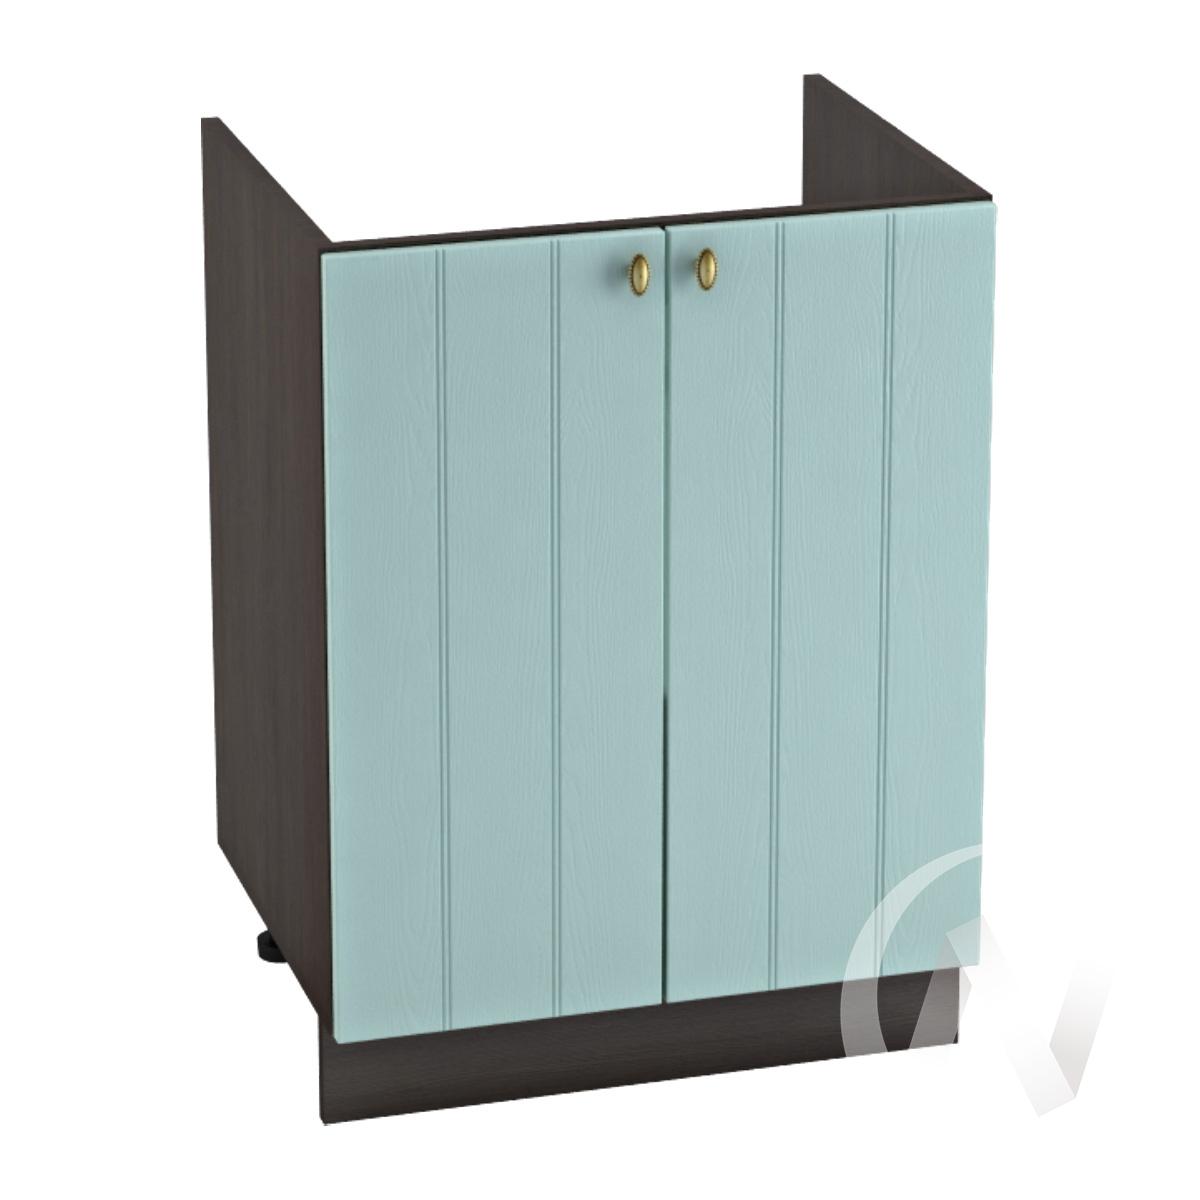 """Кухня """"Прованс"""": Шкаф нижний под мойку 600, ШНМ 600 новый (голубой/корпус венге)"""